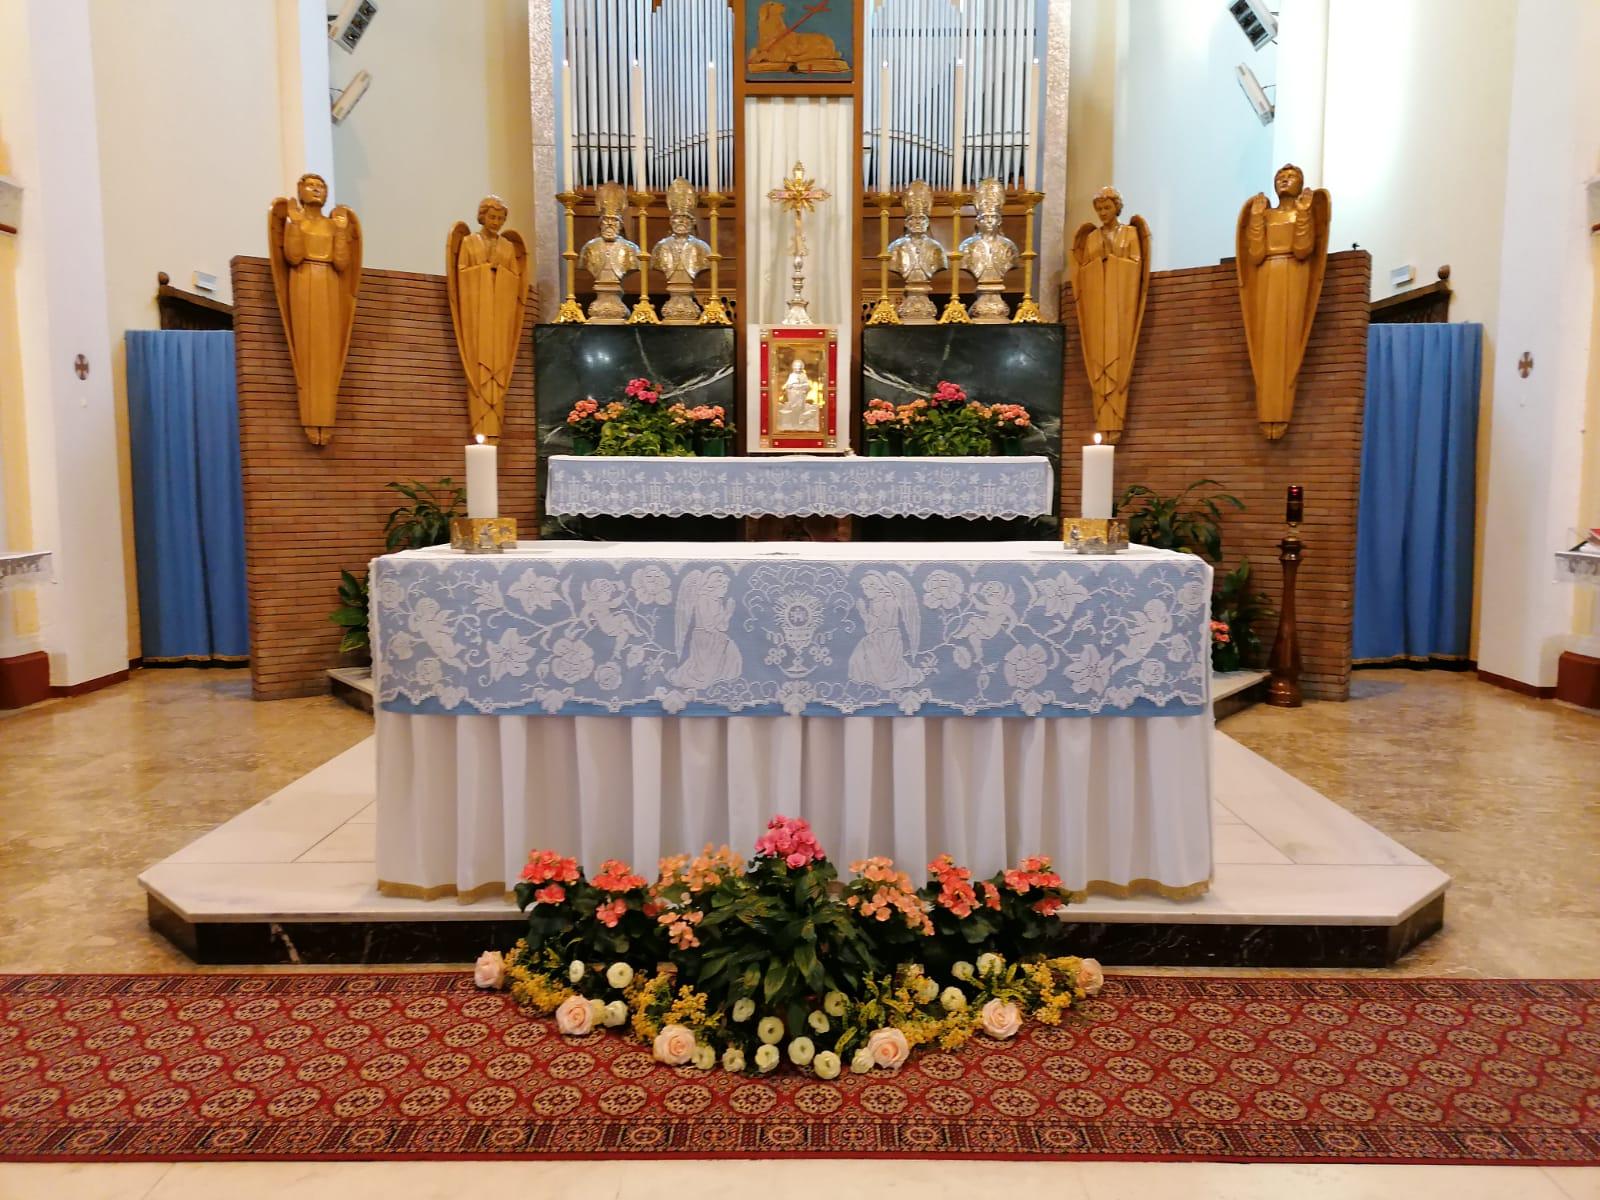 Altare di una chiesa